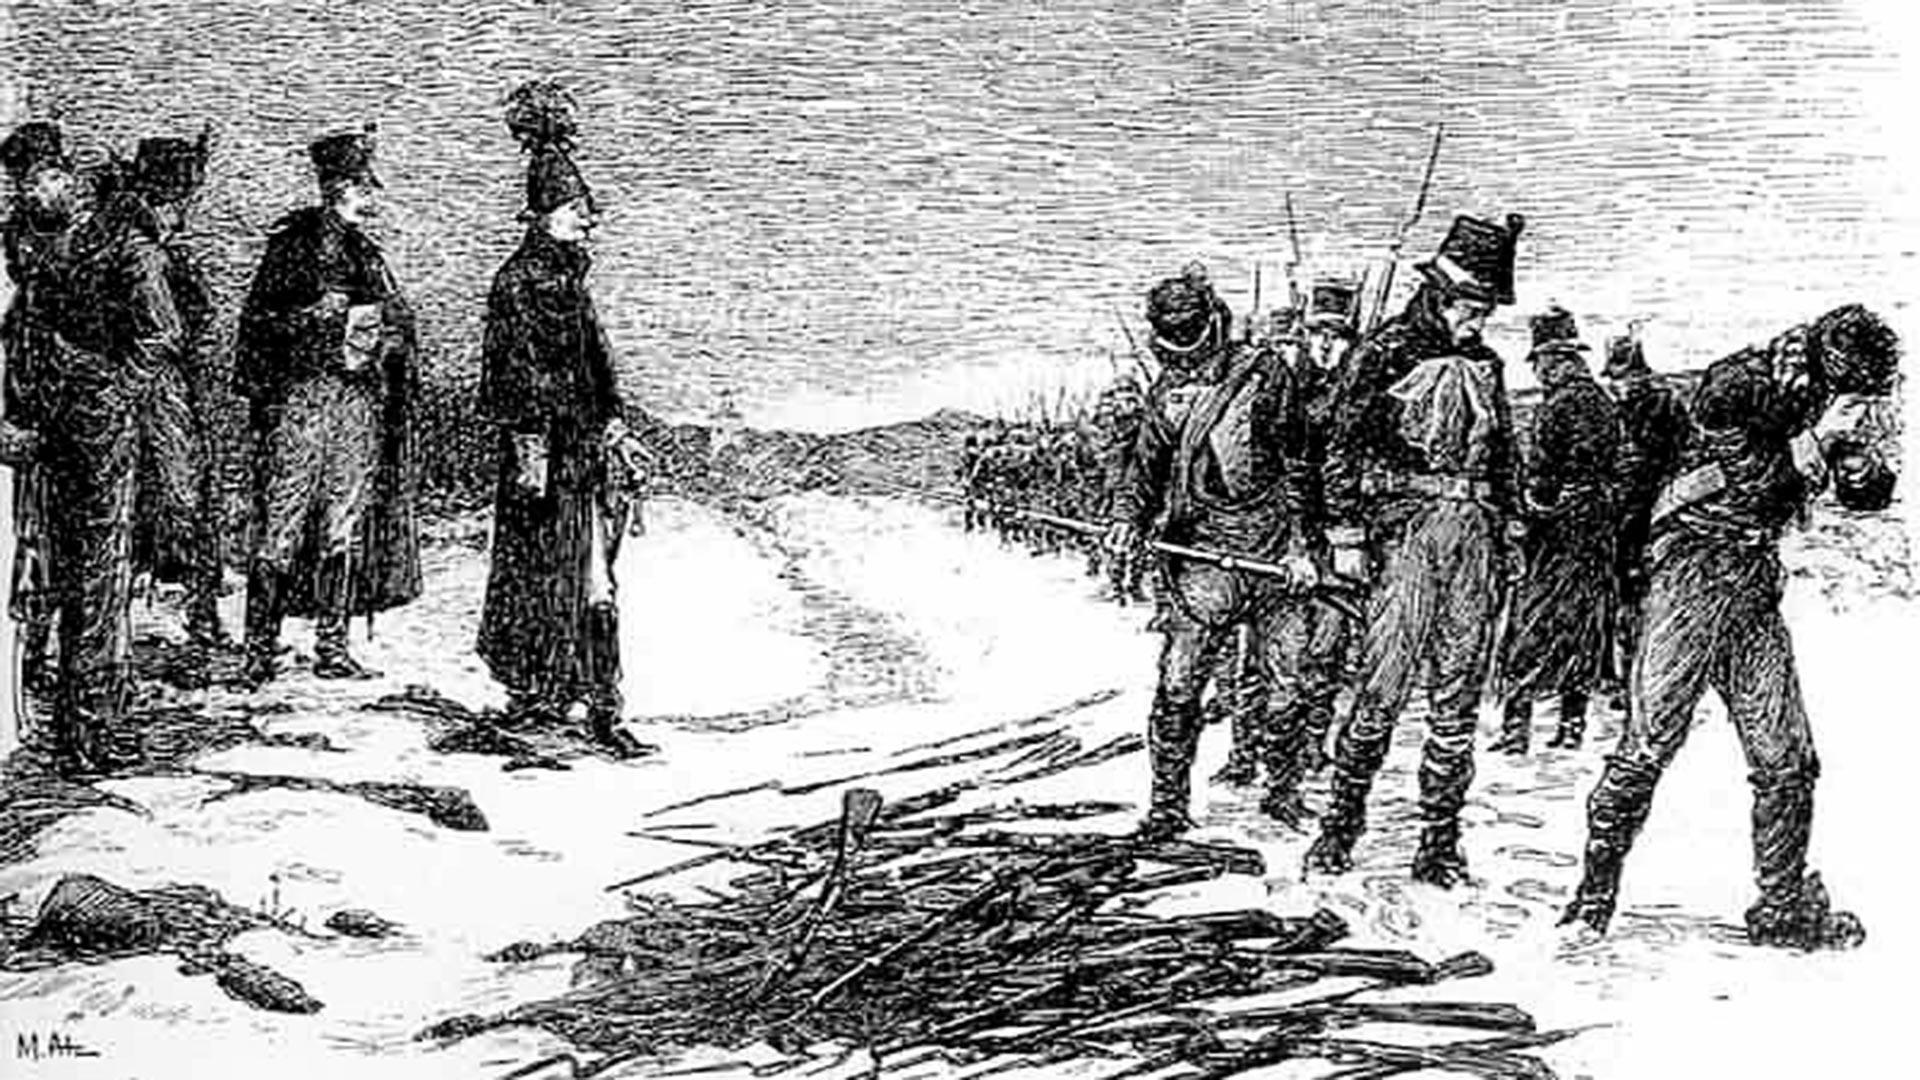 Gli svedesi si arrendono in Finlandia, 1808